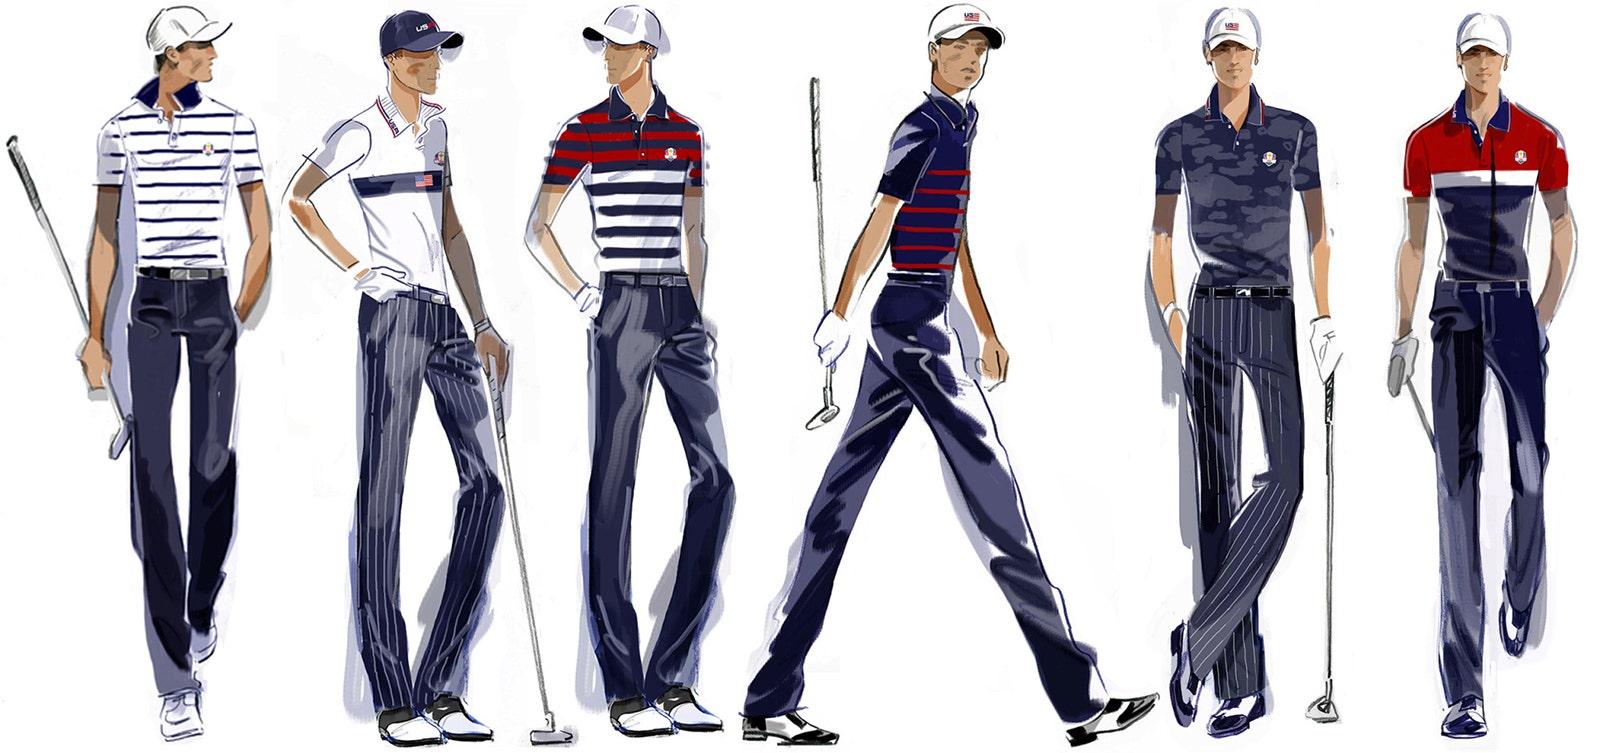 Ryder Cup Team USA Uniforms Ralph Lauren Sketch Outfits